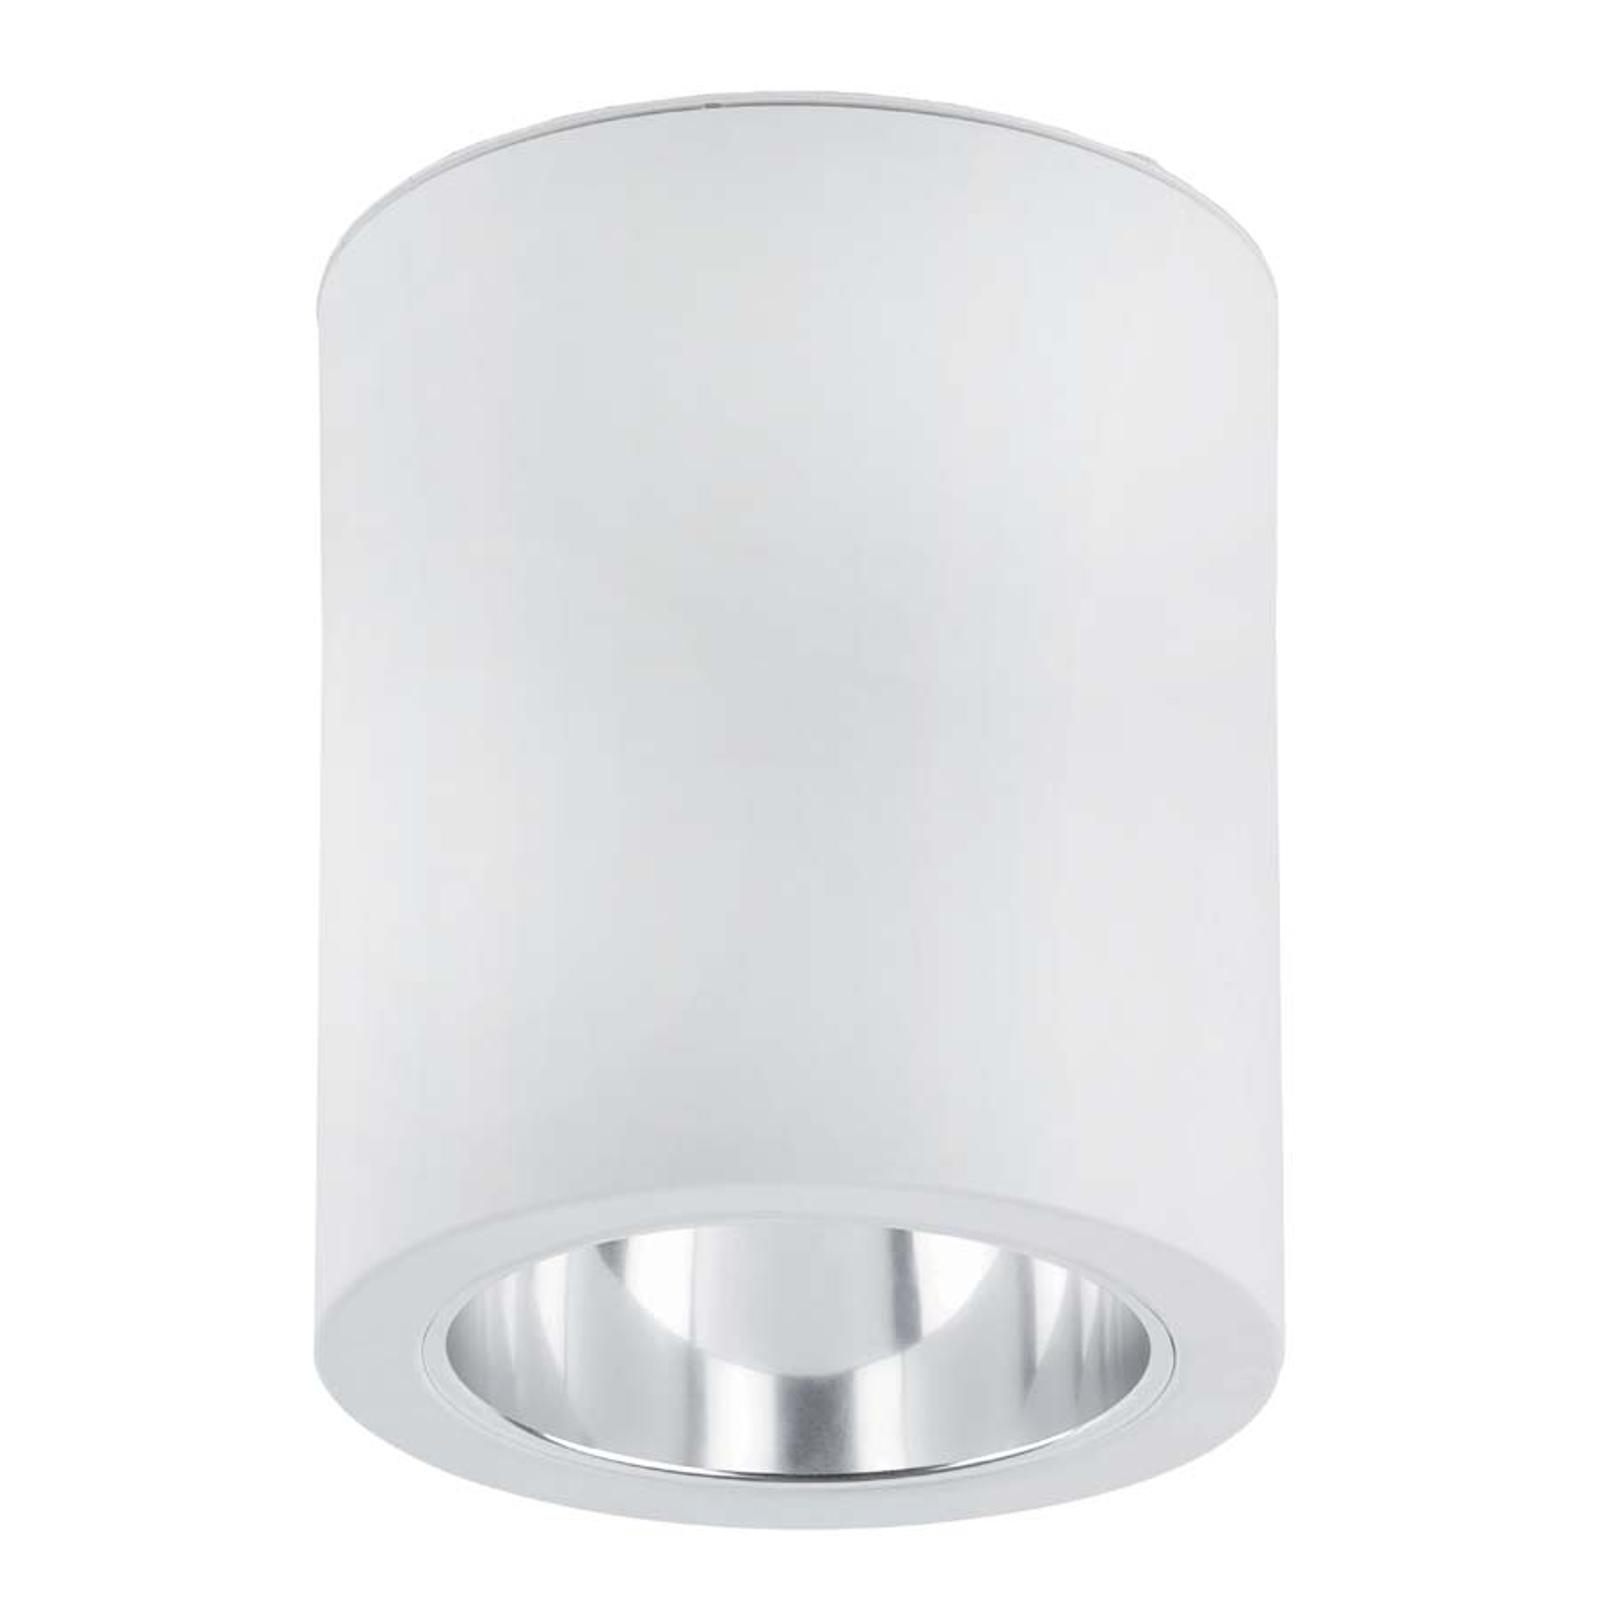 Pote 1 Aesthetic Ceiling Lamp - Aluminium, White_3506595_1